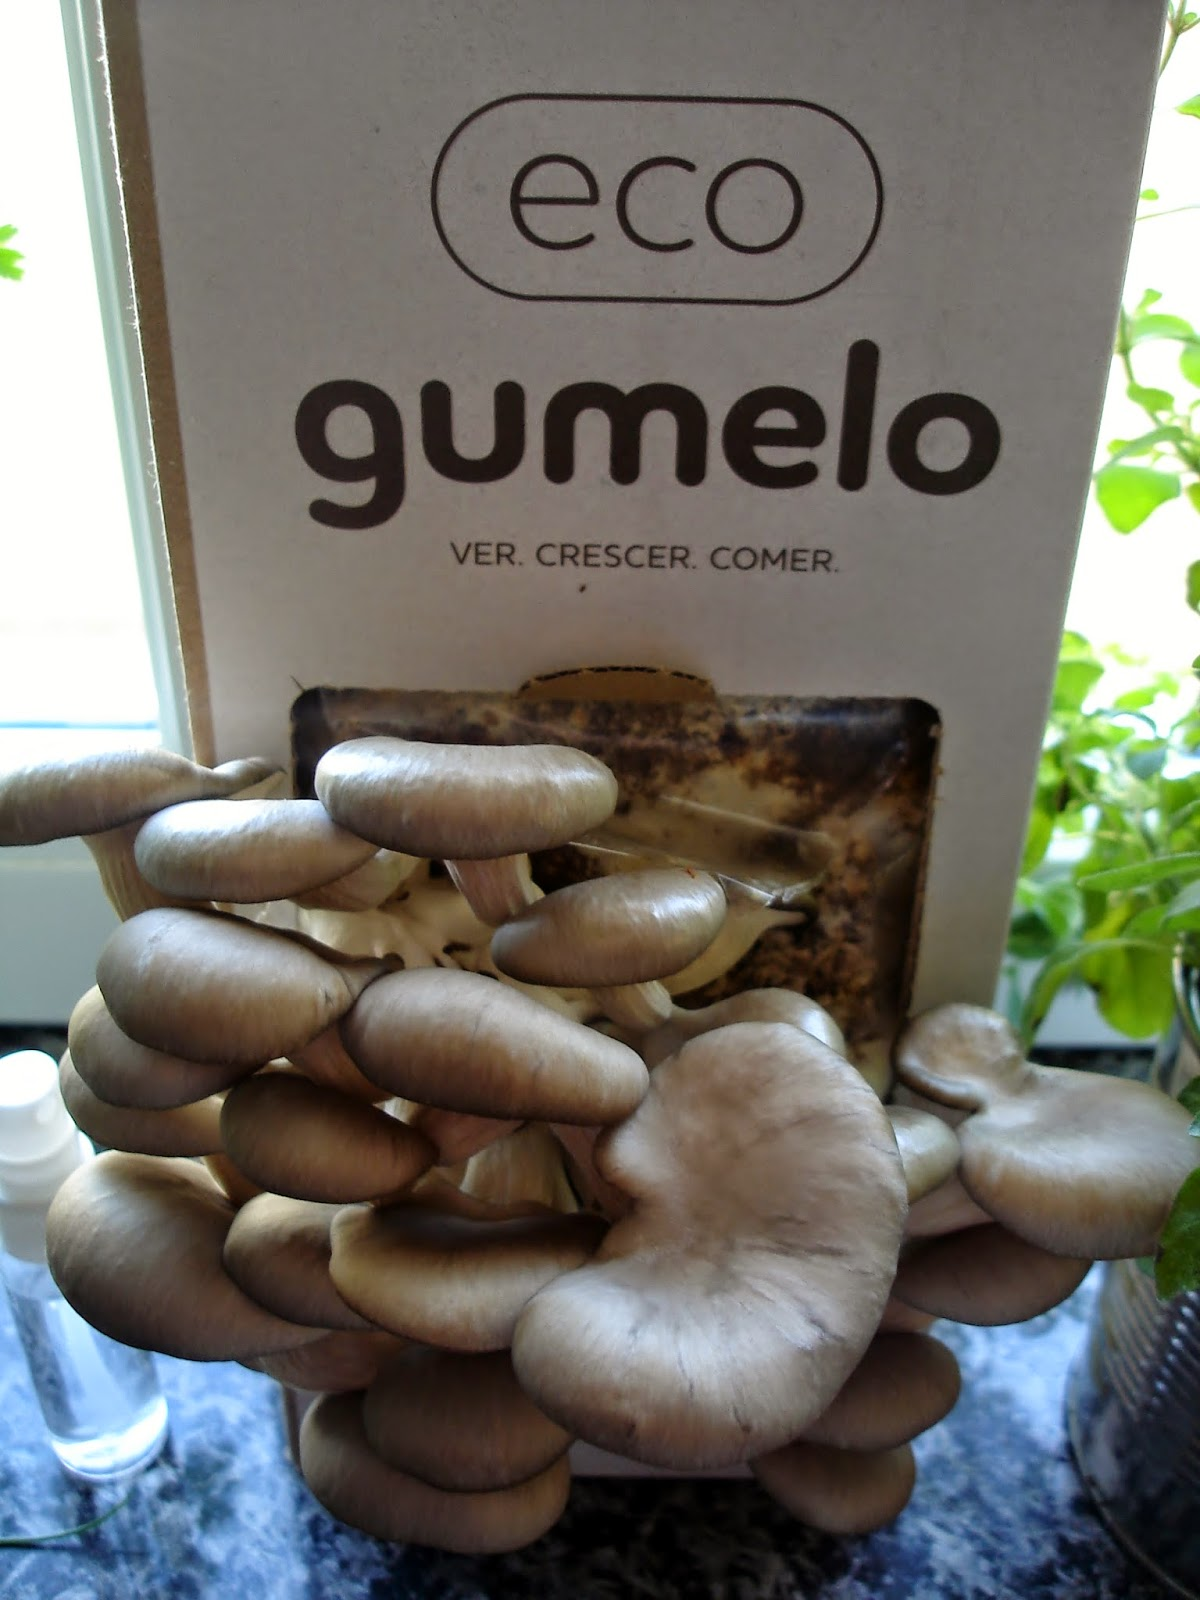 Gumelo